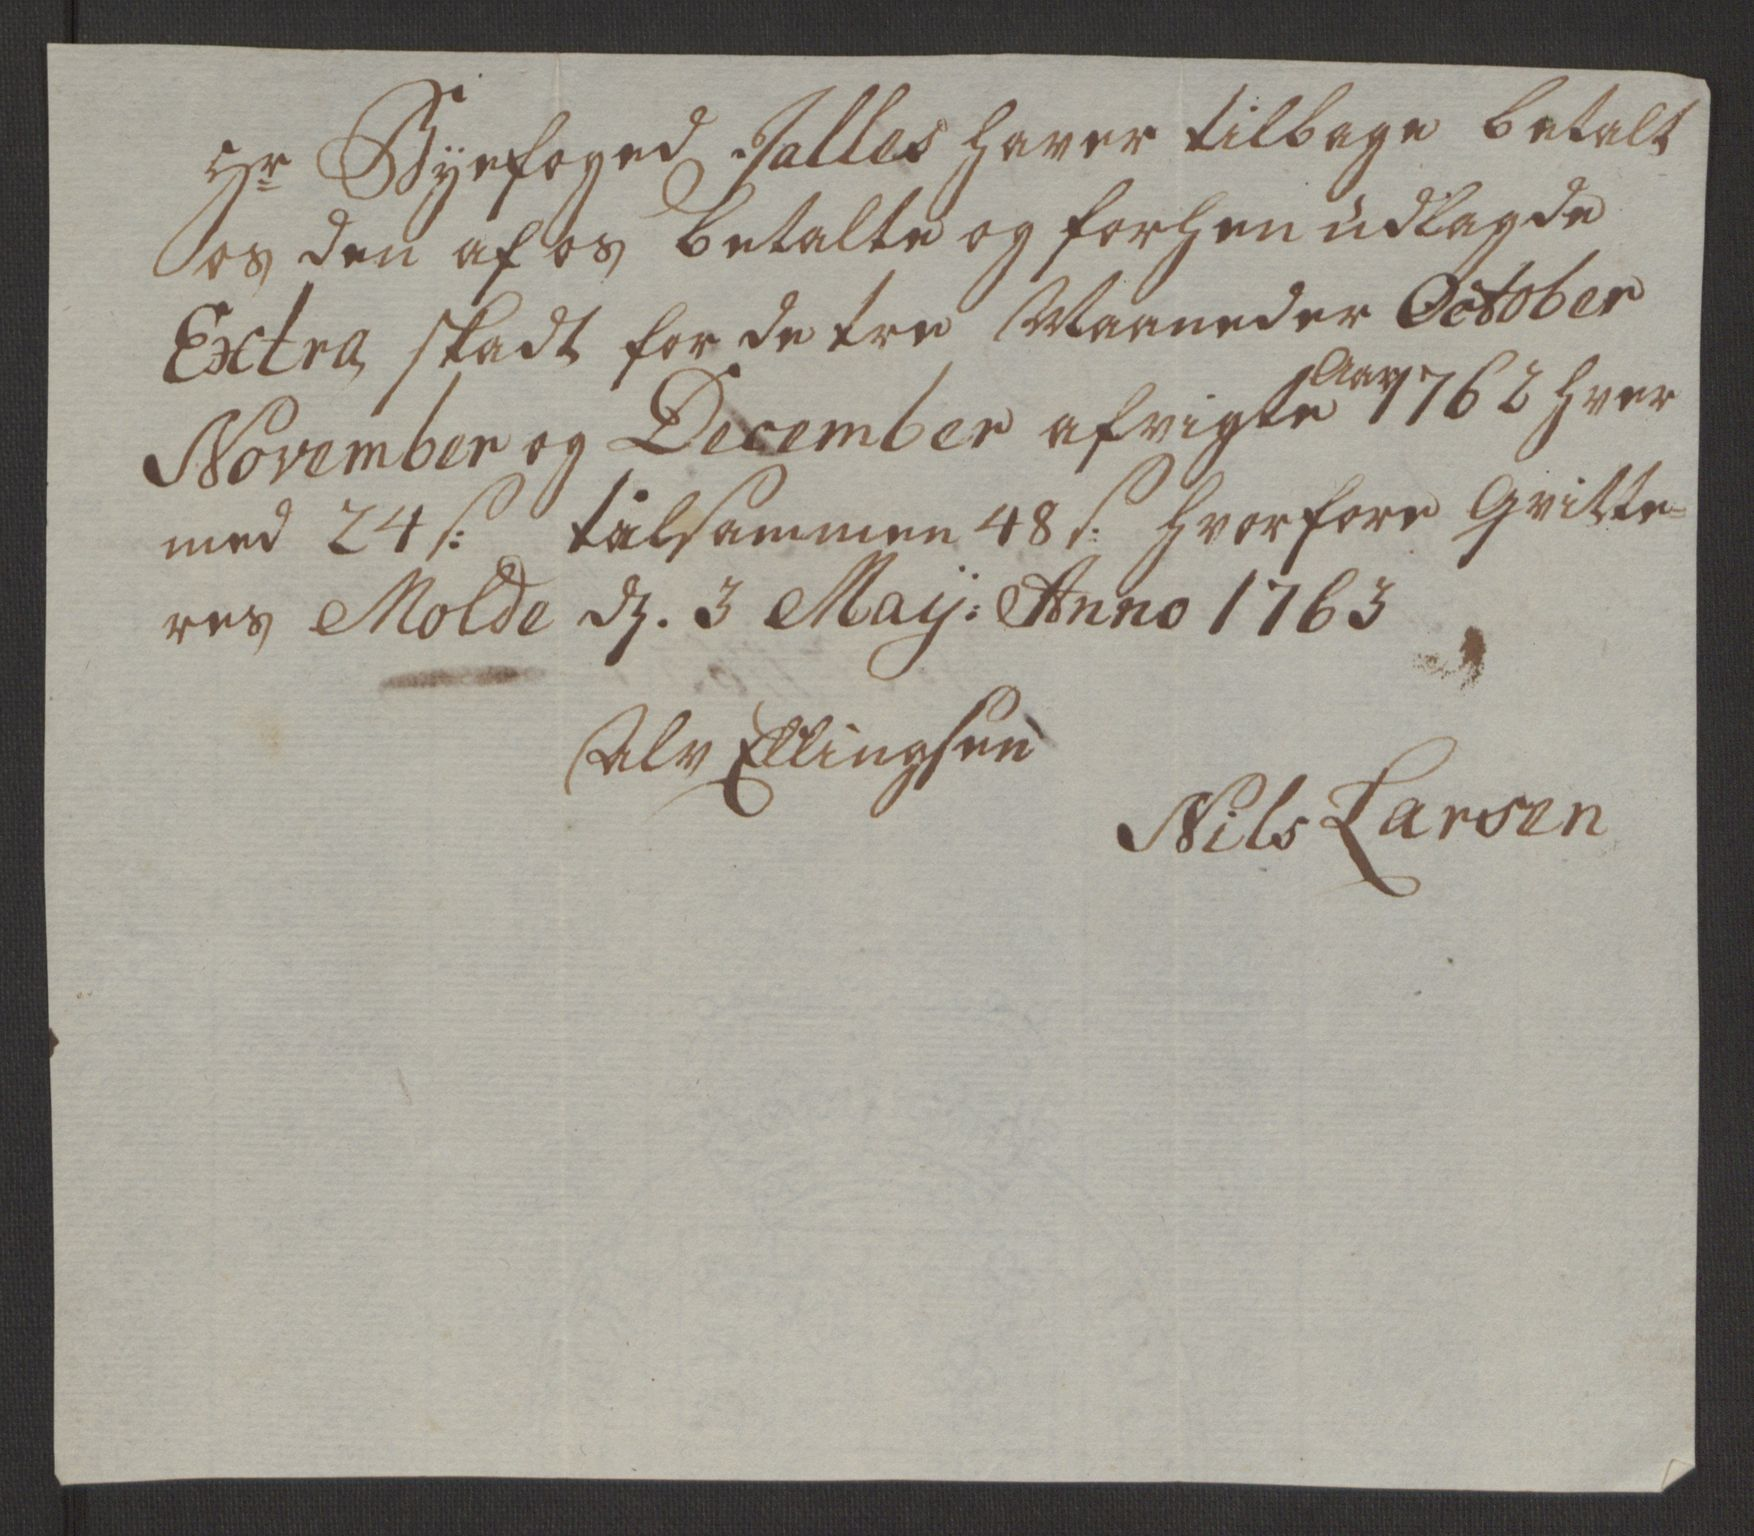 RA, Rentekammeret inntil 1814, Reviderte regnskaper, Byregnskaper, R/Rq/L0487: [Q1] Kontribusjonsregnskap, 1762-1772, s. 58